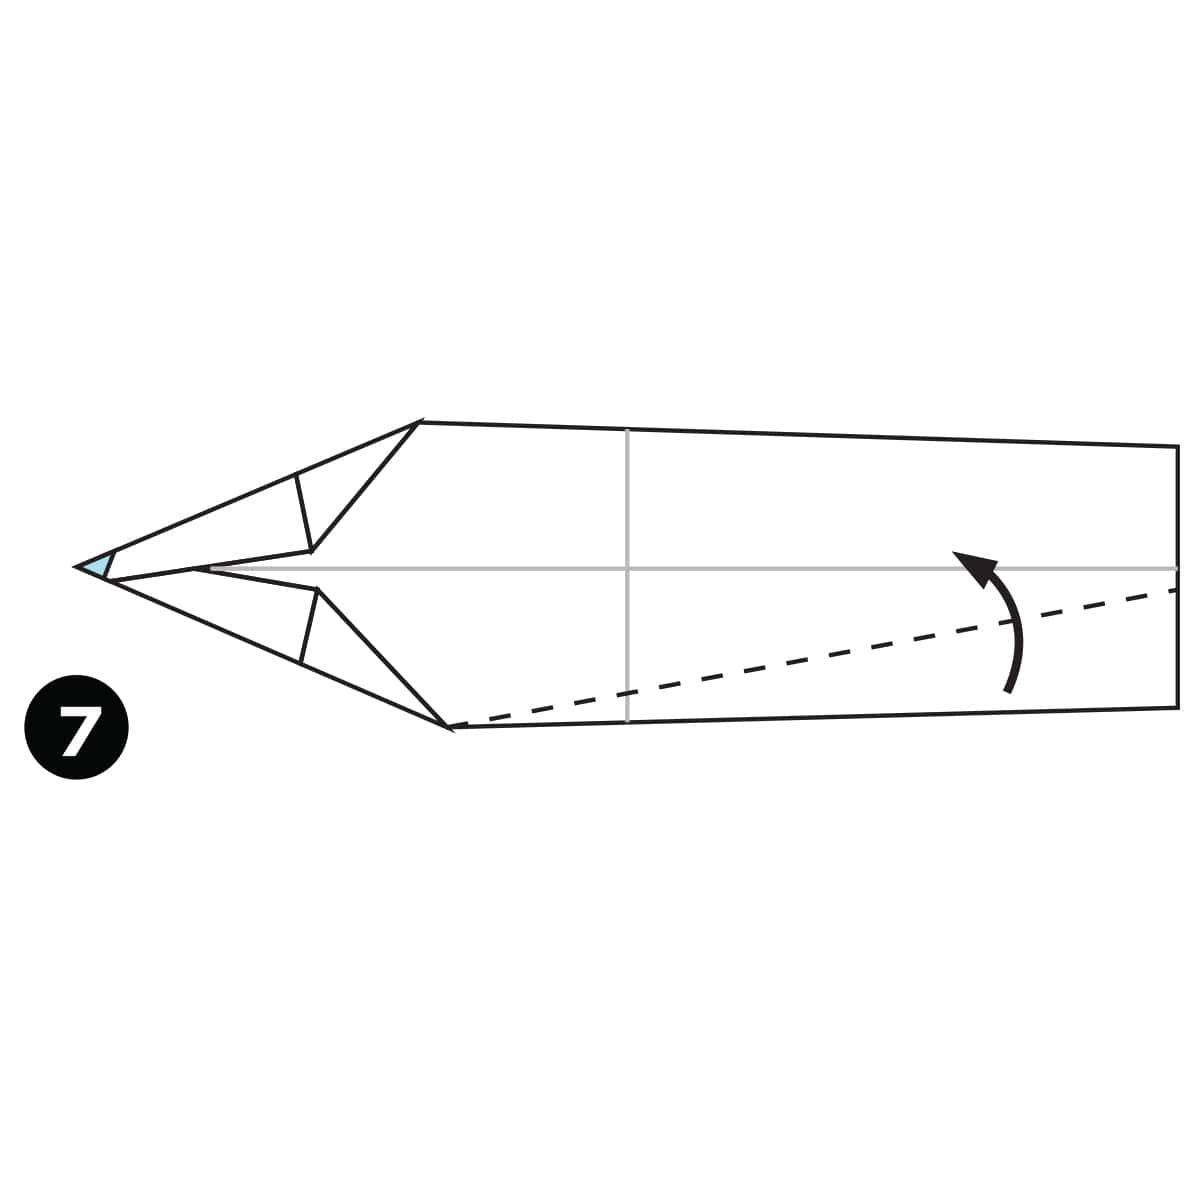 Sardine Step 7